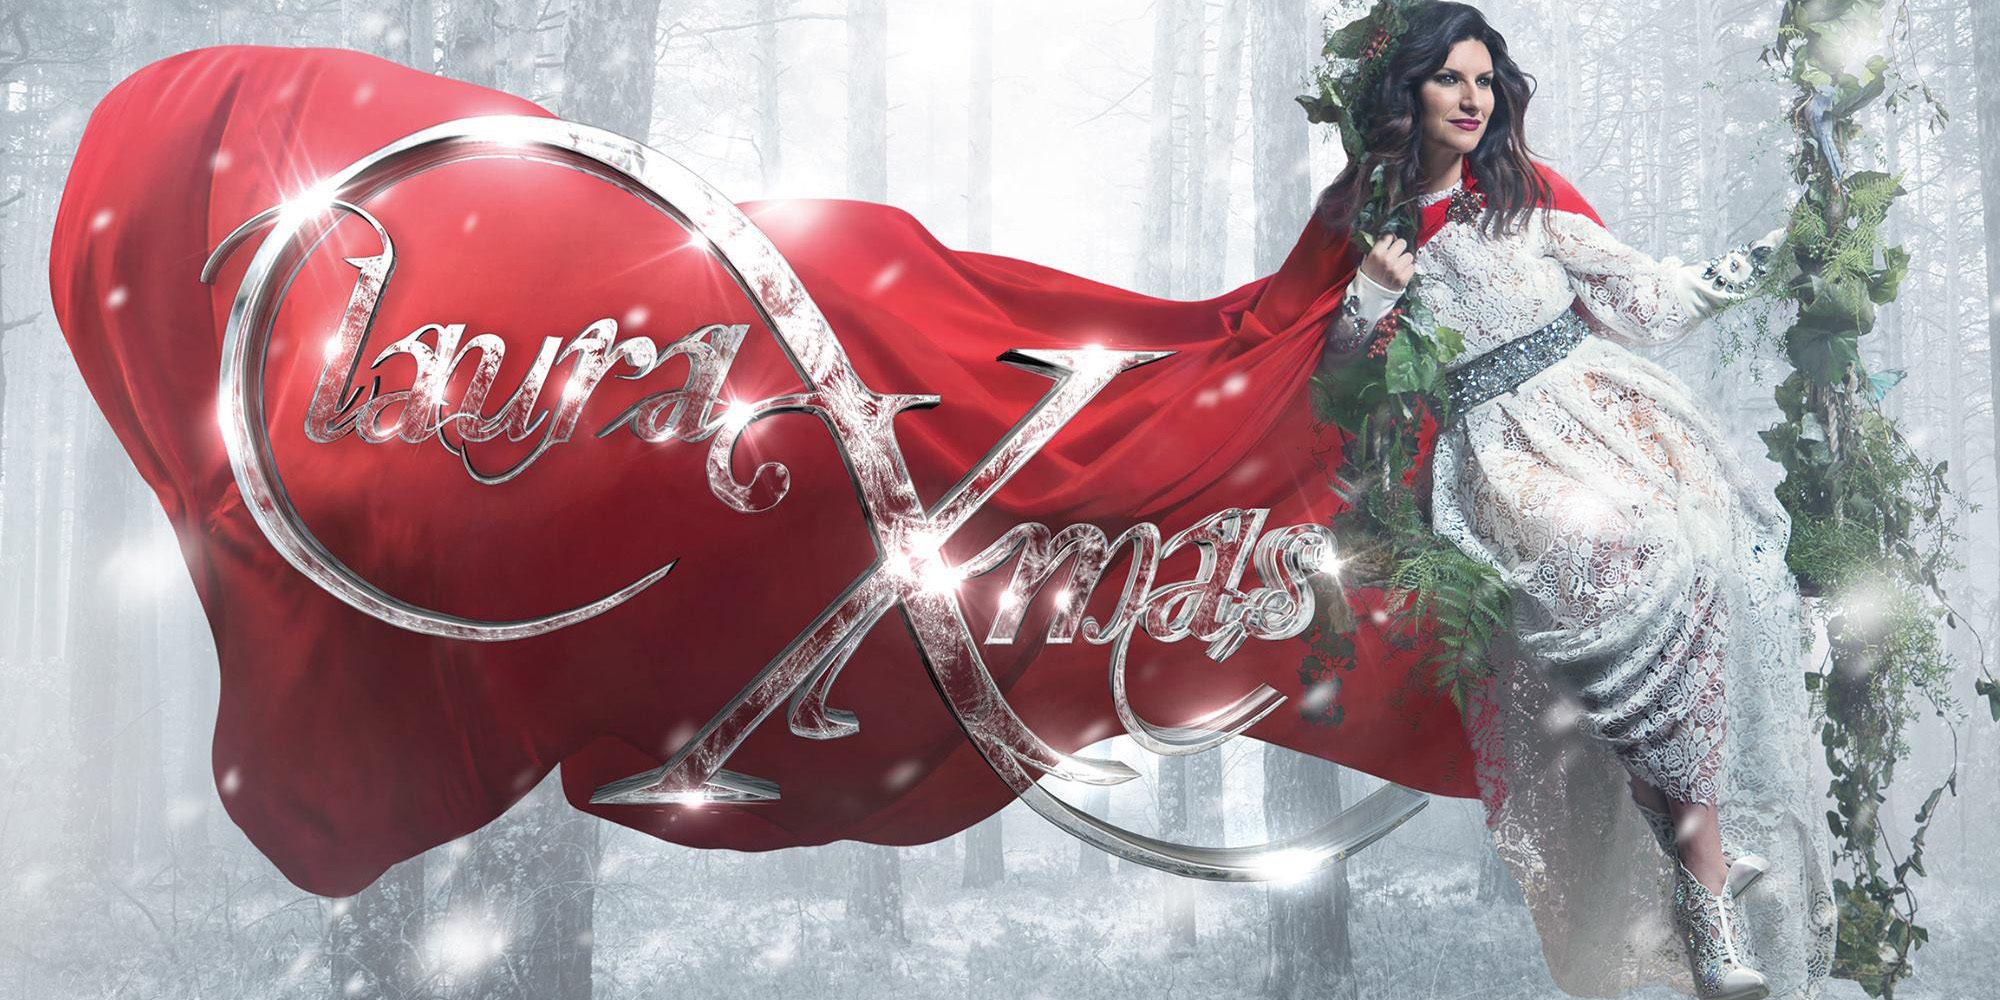 Laura Pausini lidera las novedades musicales de la semana gracias a 'Laura navidad'